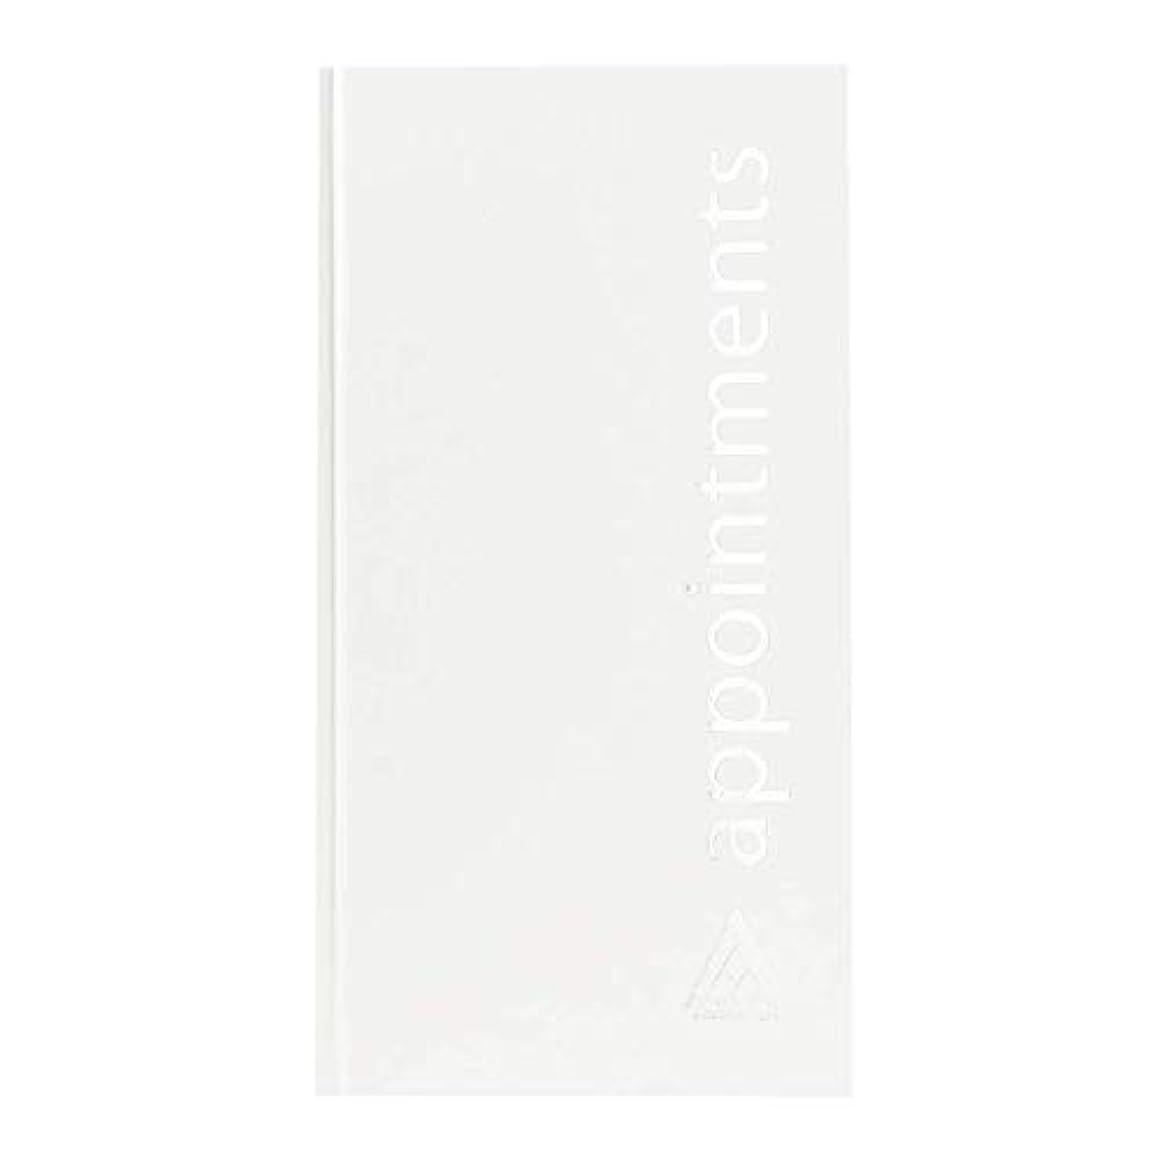 電池小屋ジョージハンブリーアジェンダ サロンコンセプト 美容アポイントメントブック3アシスタントホワイト[海外直送品] [並行輸入品]